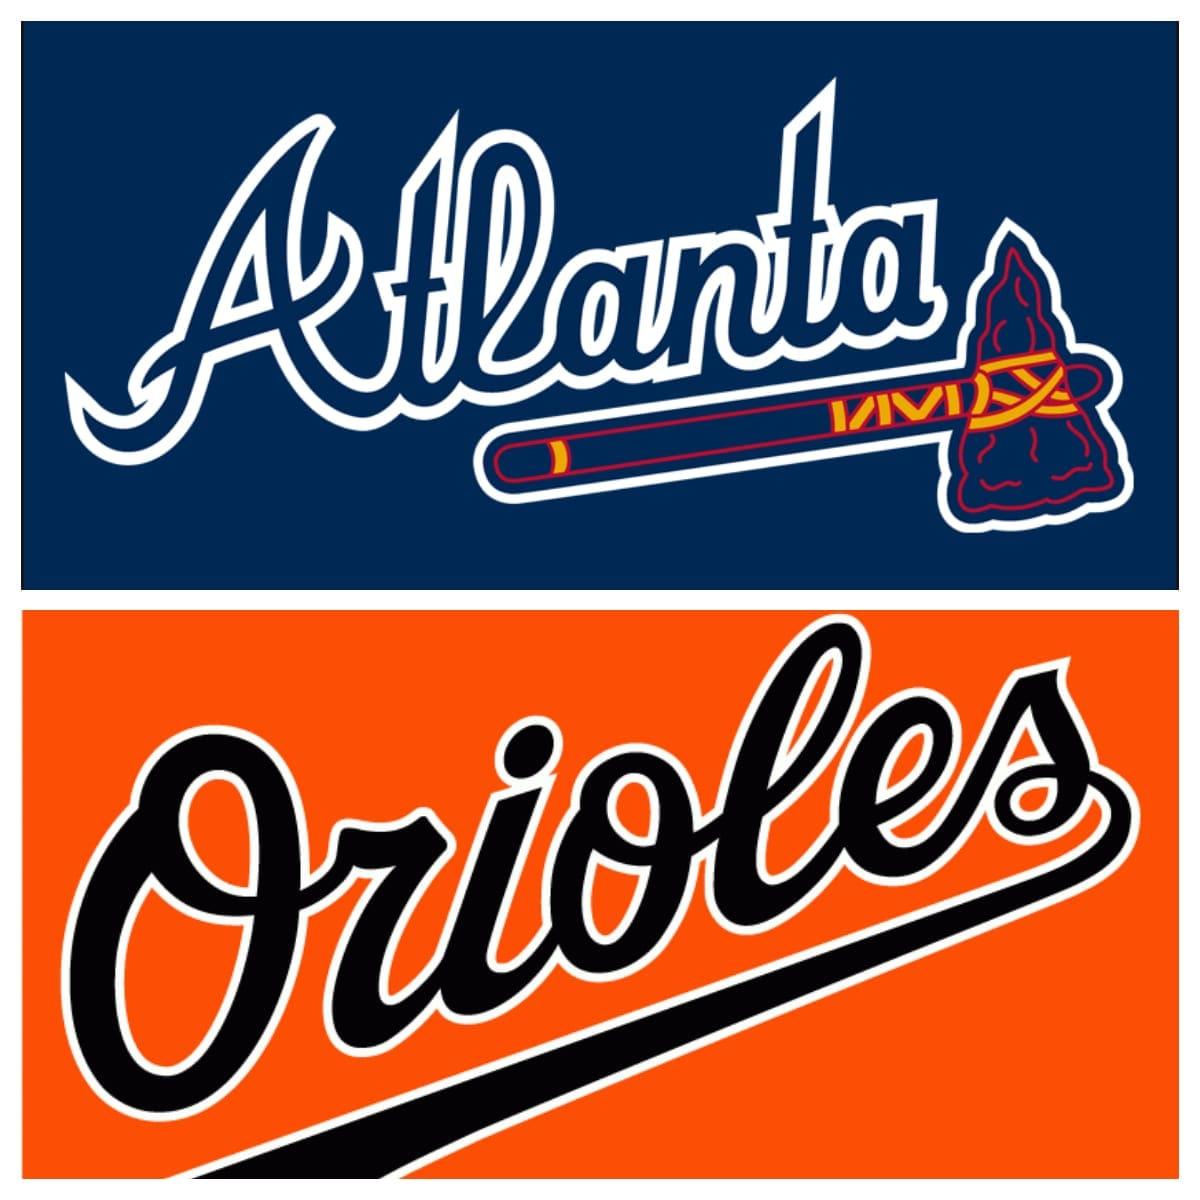 Atlanta Braves vs Baltimore Orioles Stats